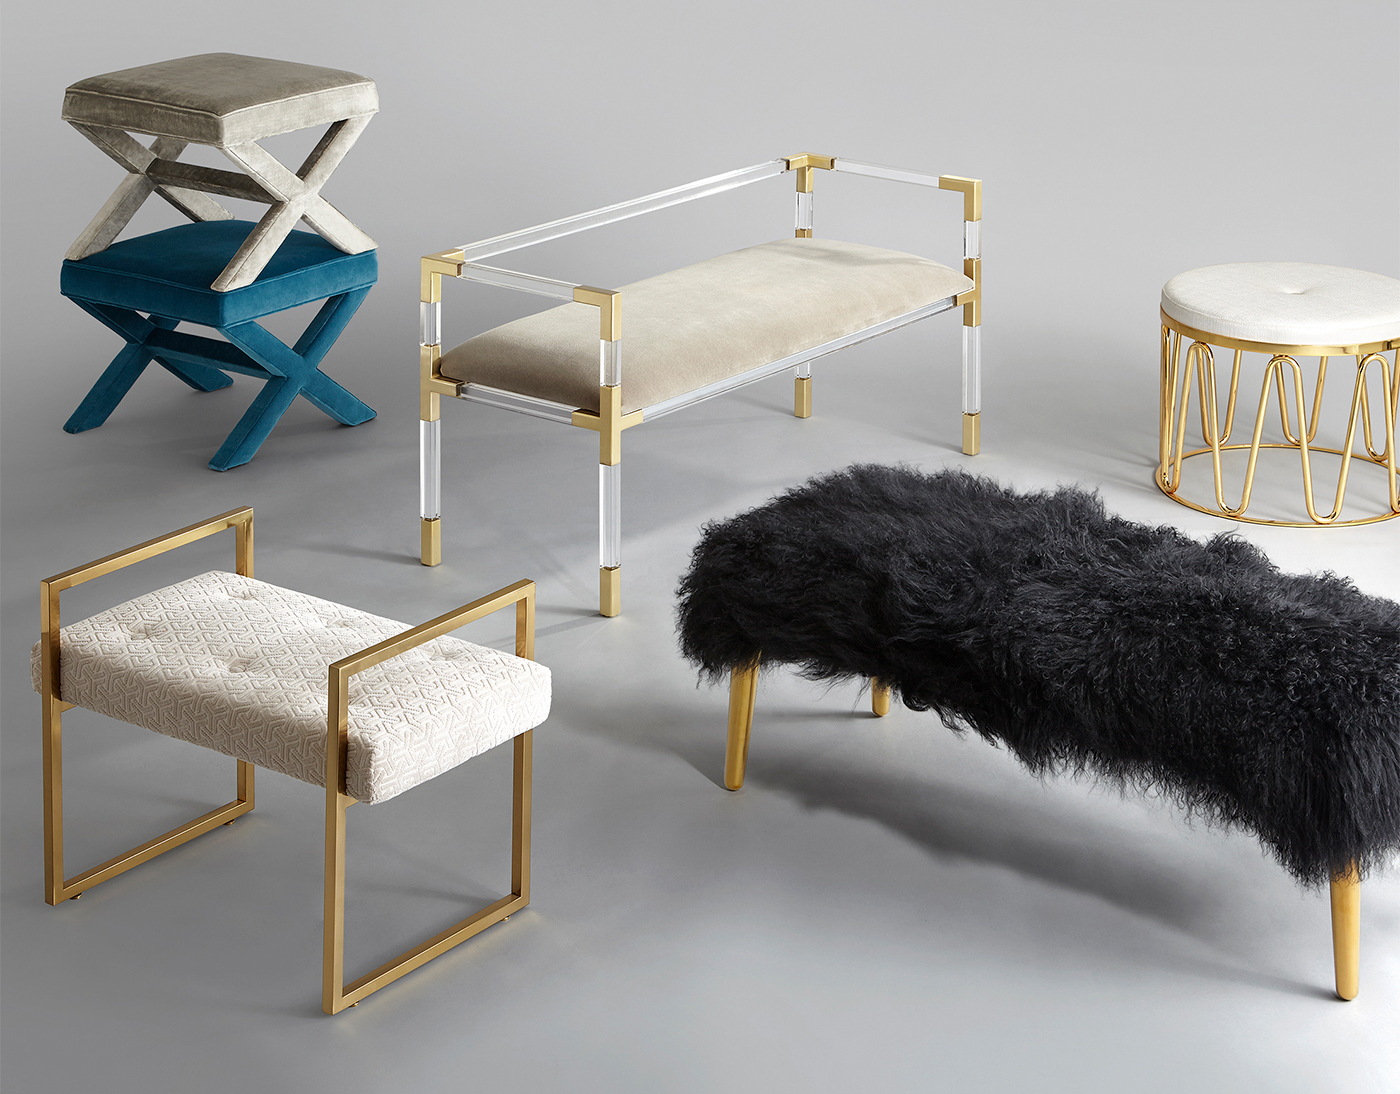 创意家具 - 卧室|床尾凳|办公家具|设计师家具|雅克床尾凳